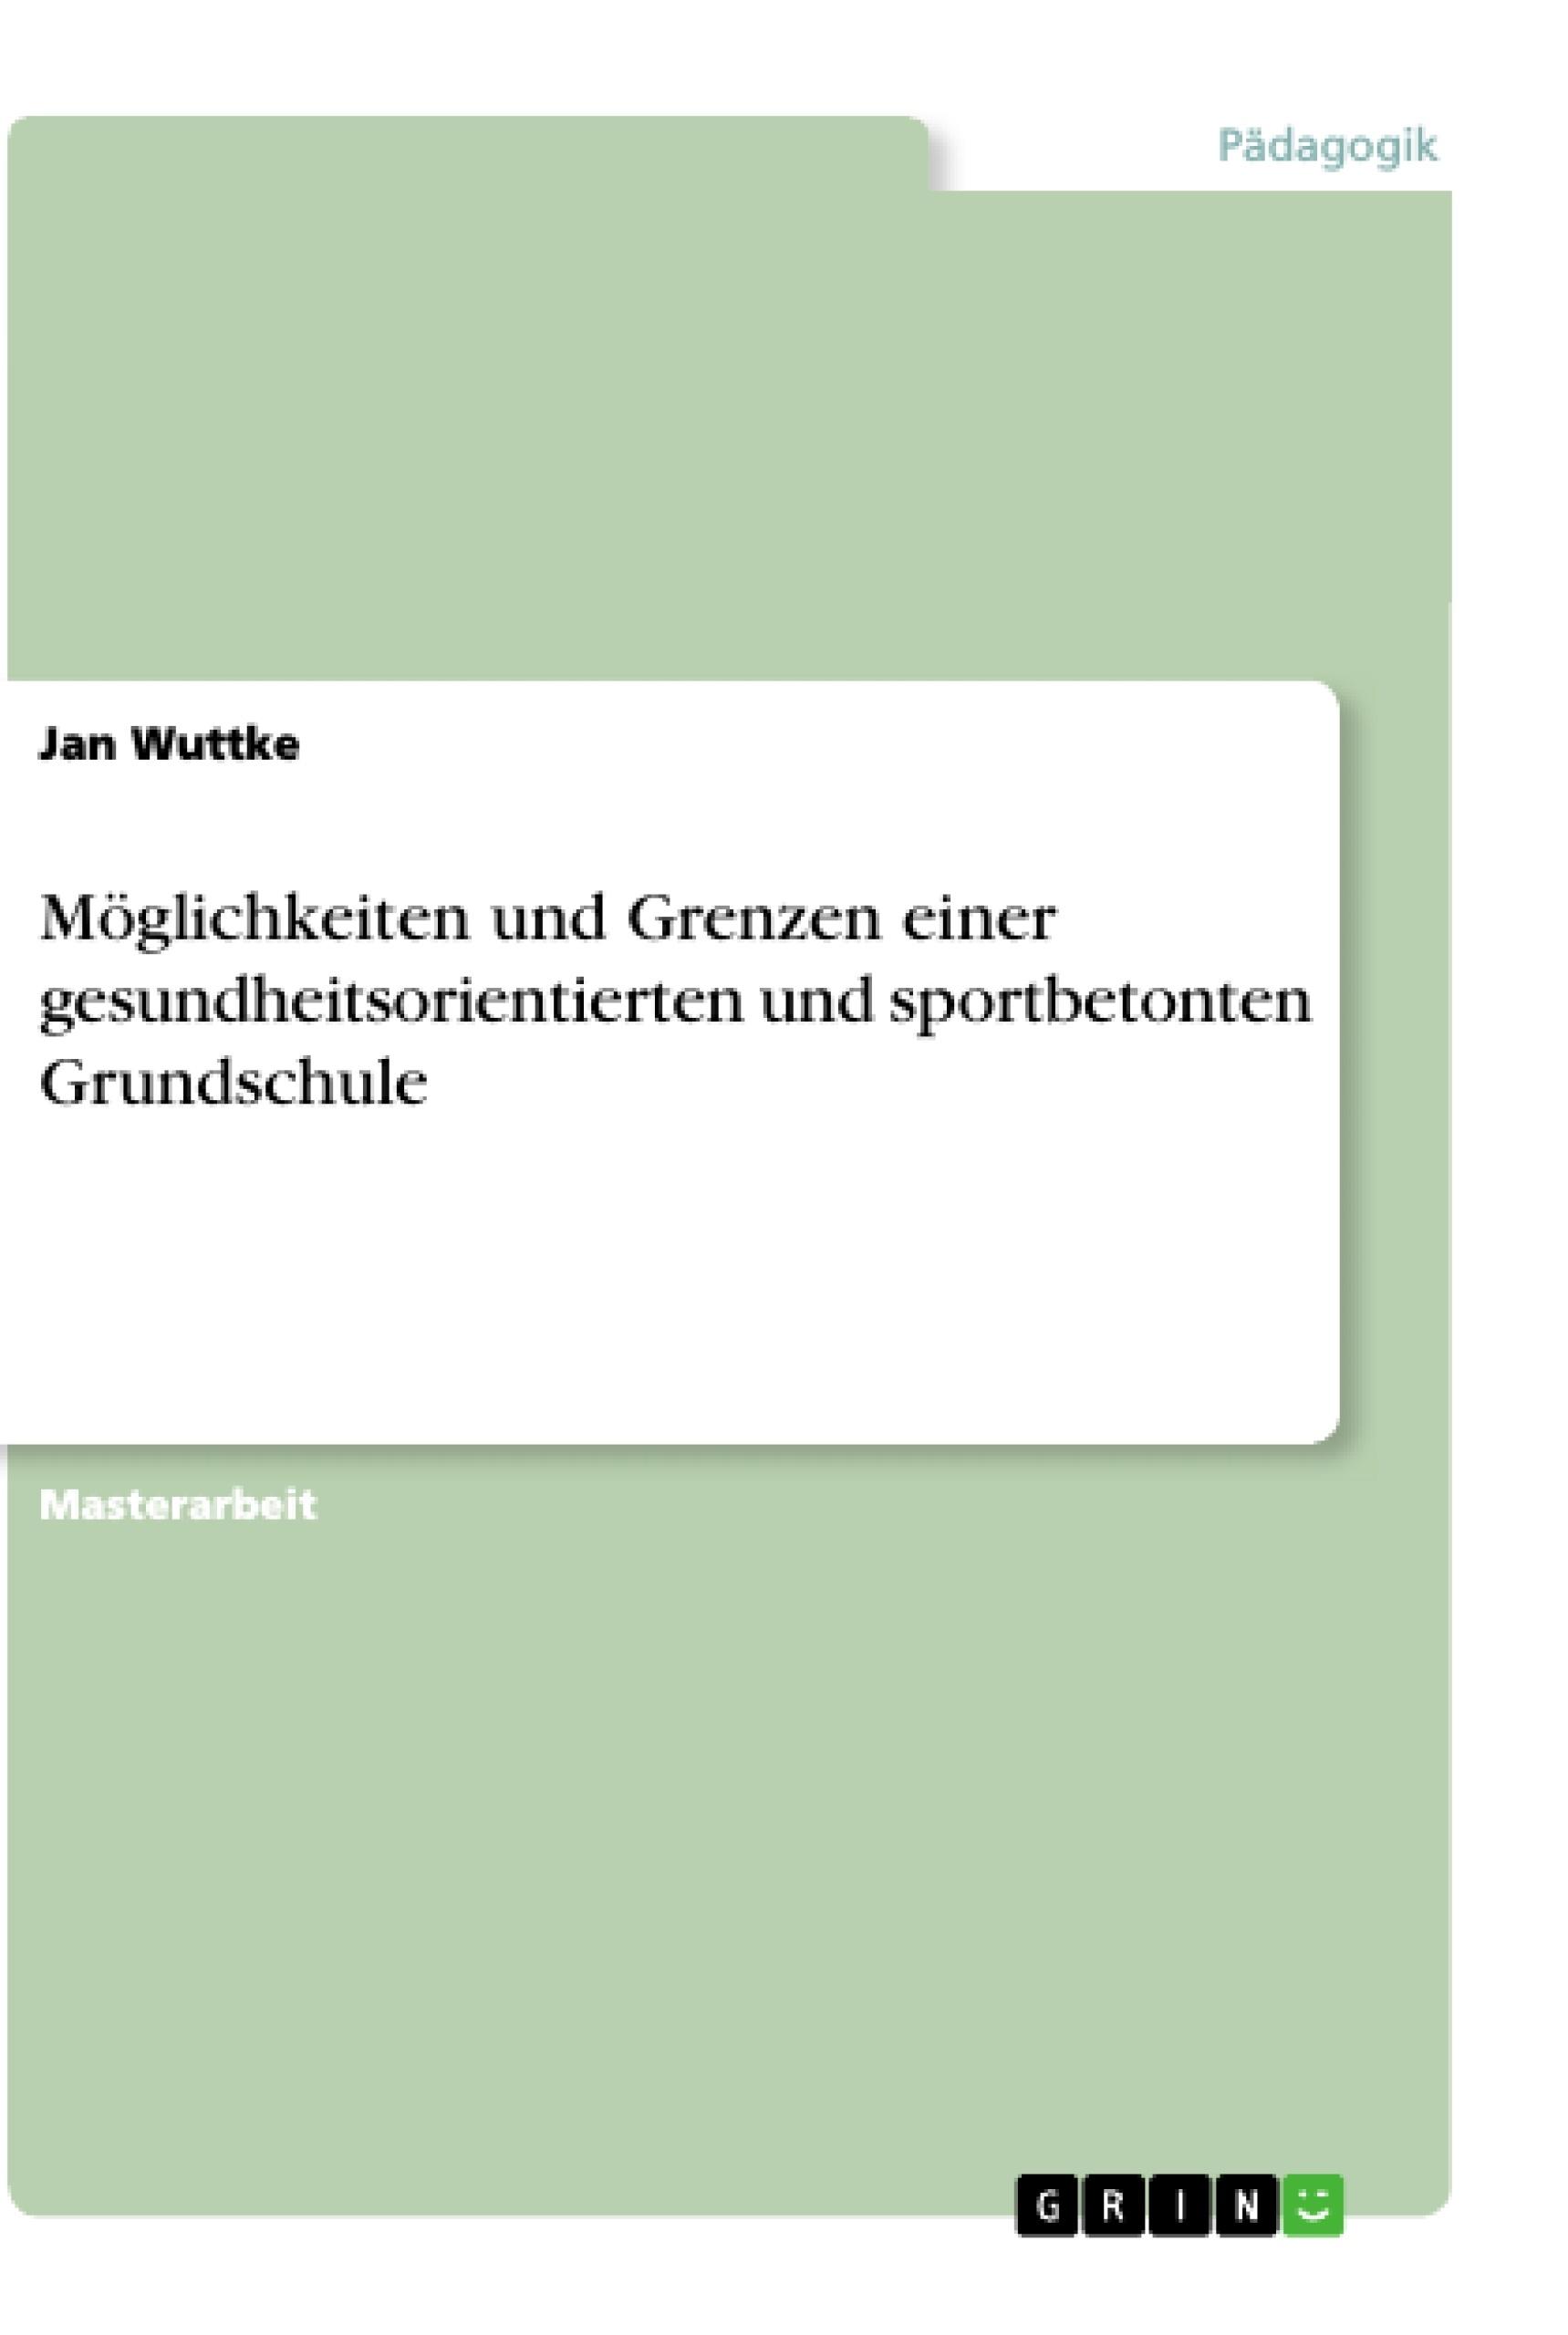 Titel: Möglichkeiten und Grenzen einer gesundheitsorientierten und sportbetonten Grundschule